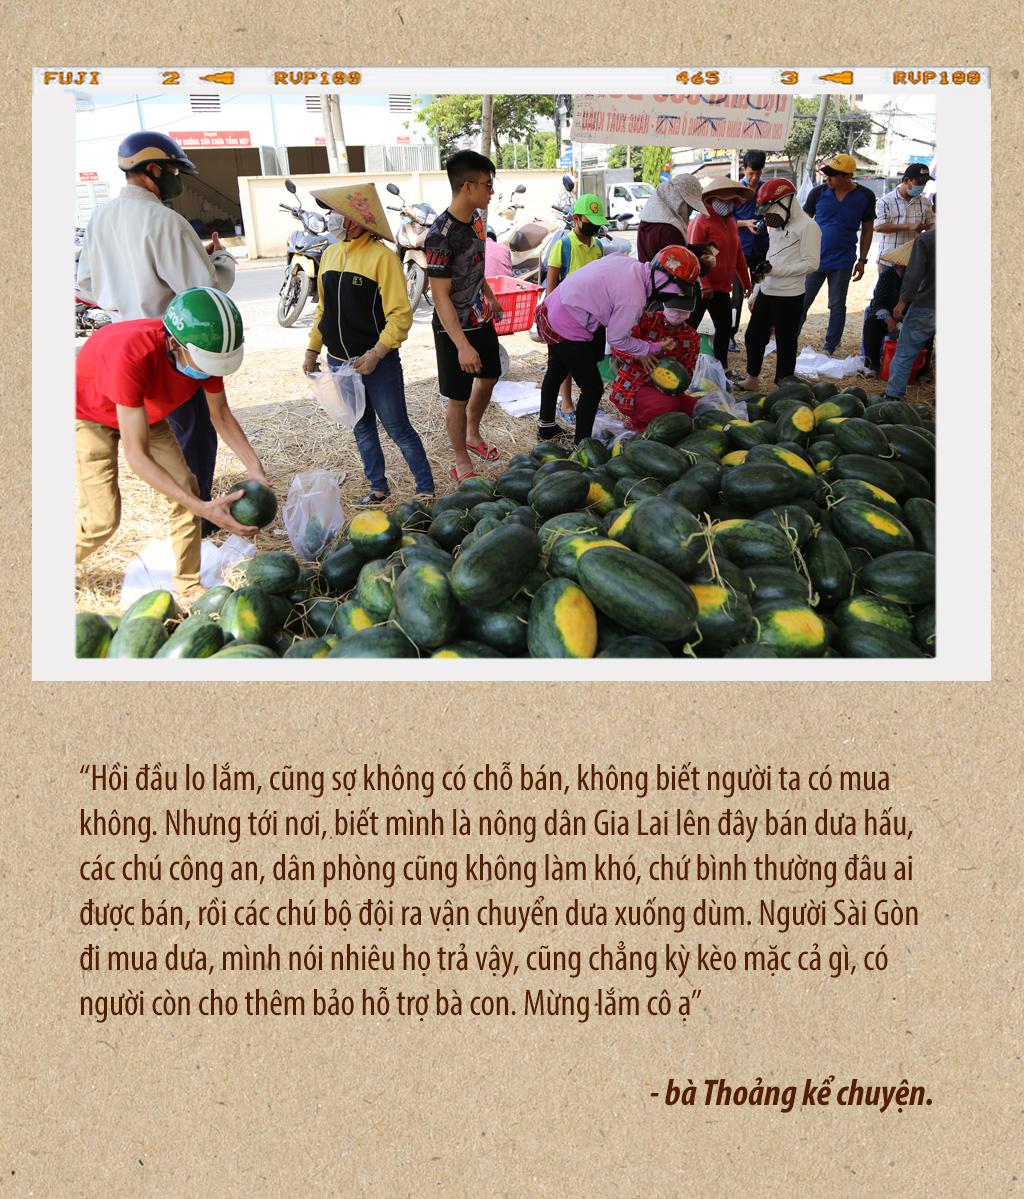 Tình người Sài Gòn thời dịch COVID-19 - ảnh 13